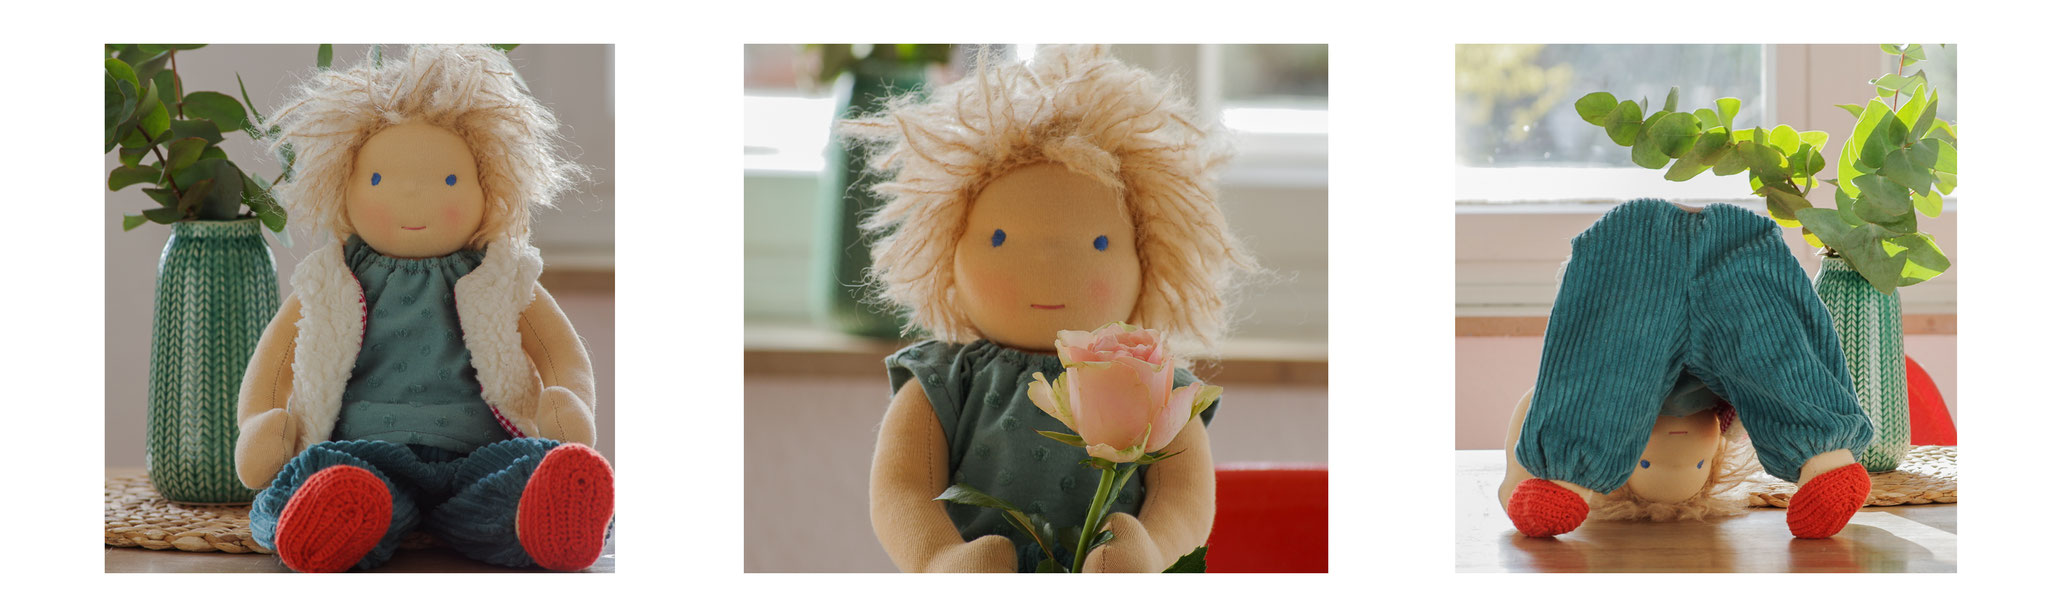 Collage mit blonder Puppe für Jungen handgemacht nach dem Vorbild der Waldorfpuppe